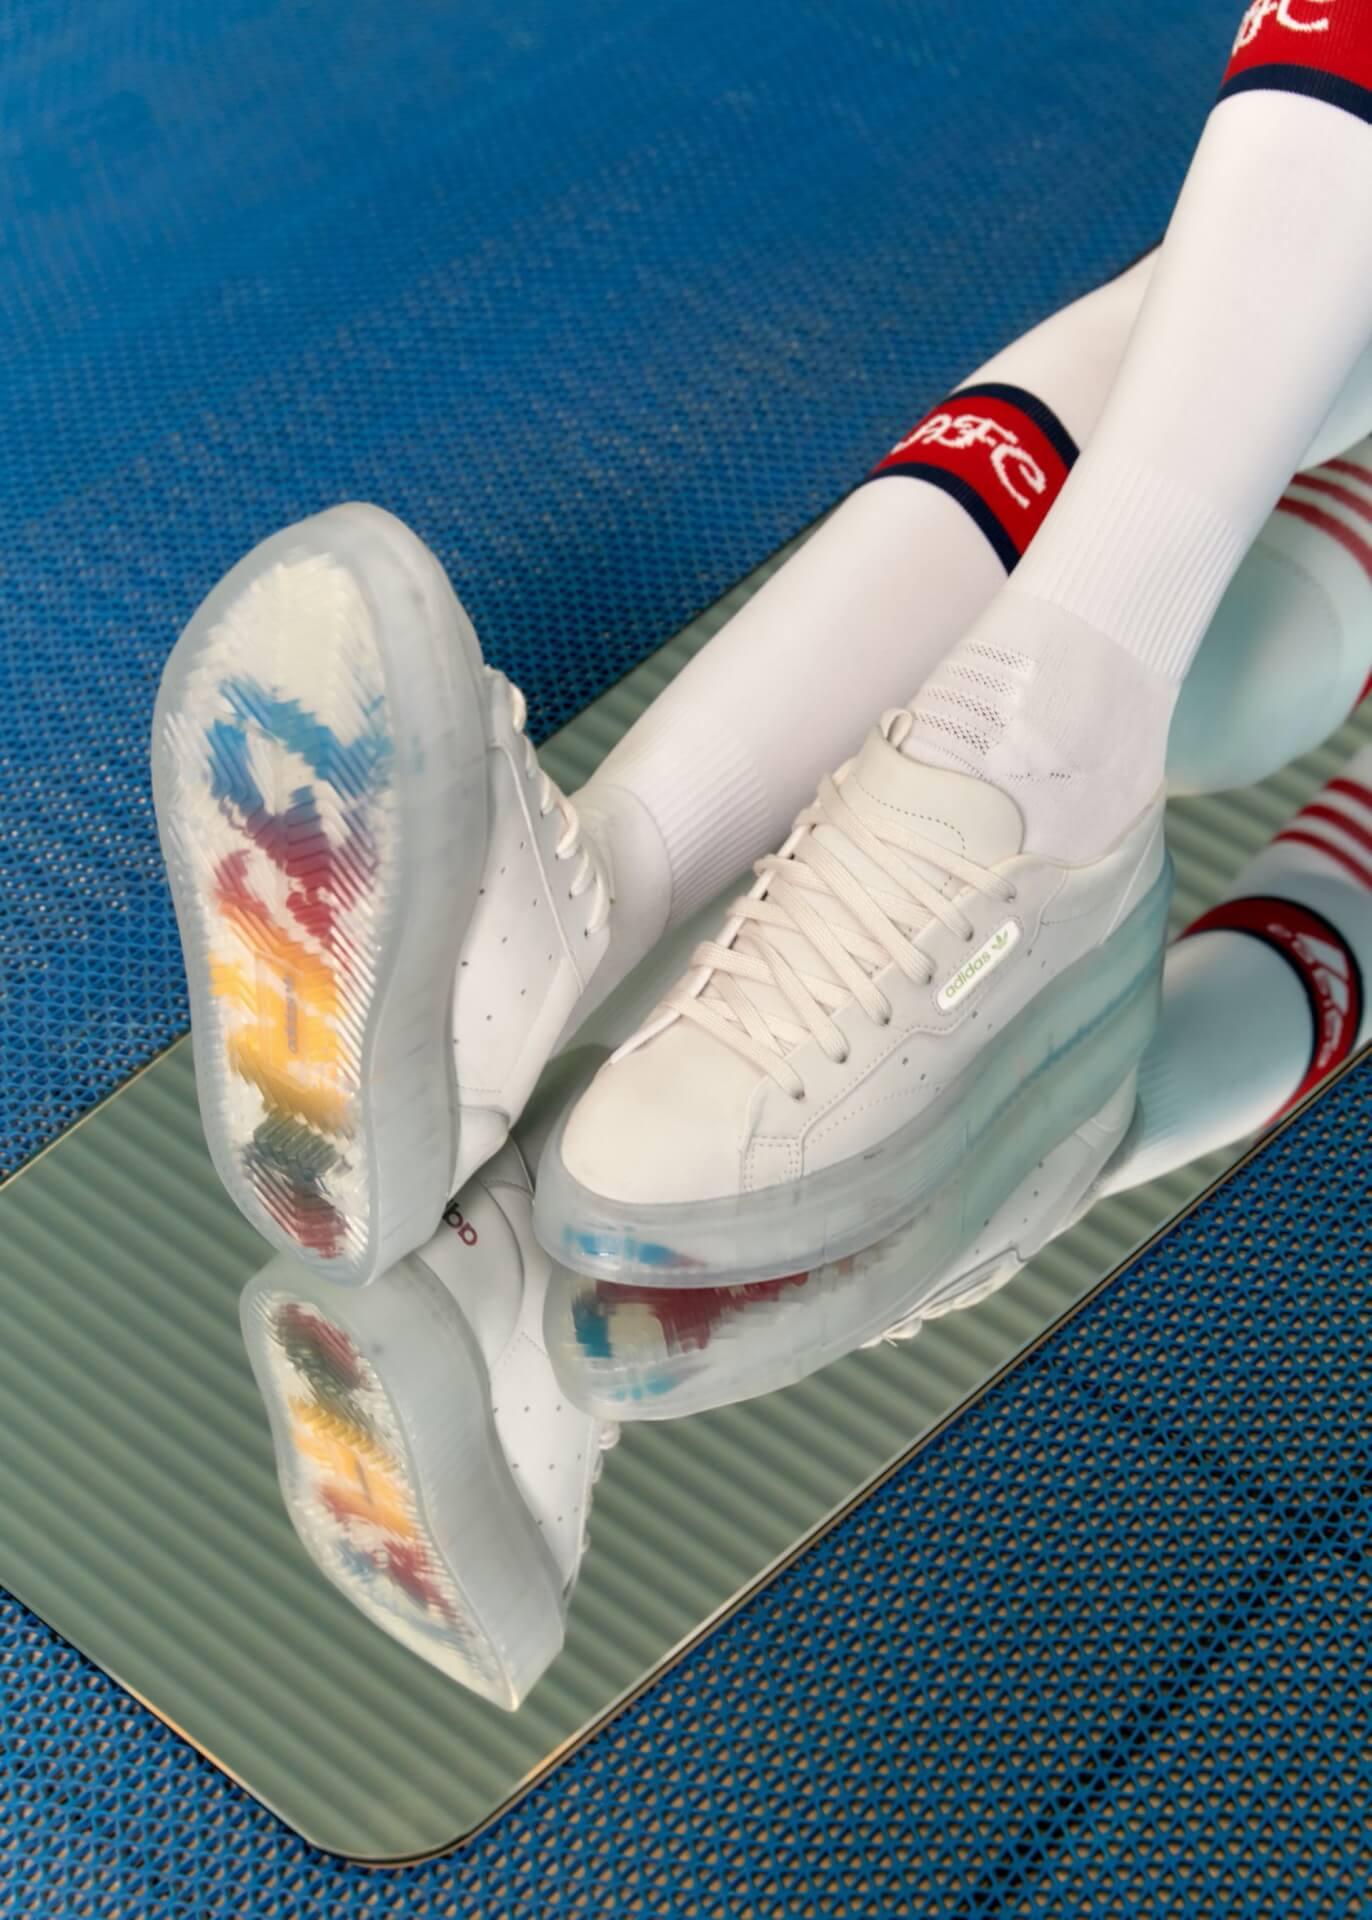 adidas Originals × Angel Chenのカプセルコレクションが登場!水泳や書道からインスパイアされたフットウェア4型 lf200529_adidas_angelchen_02